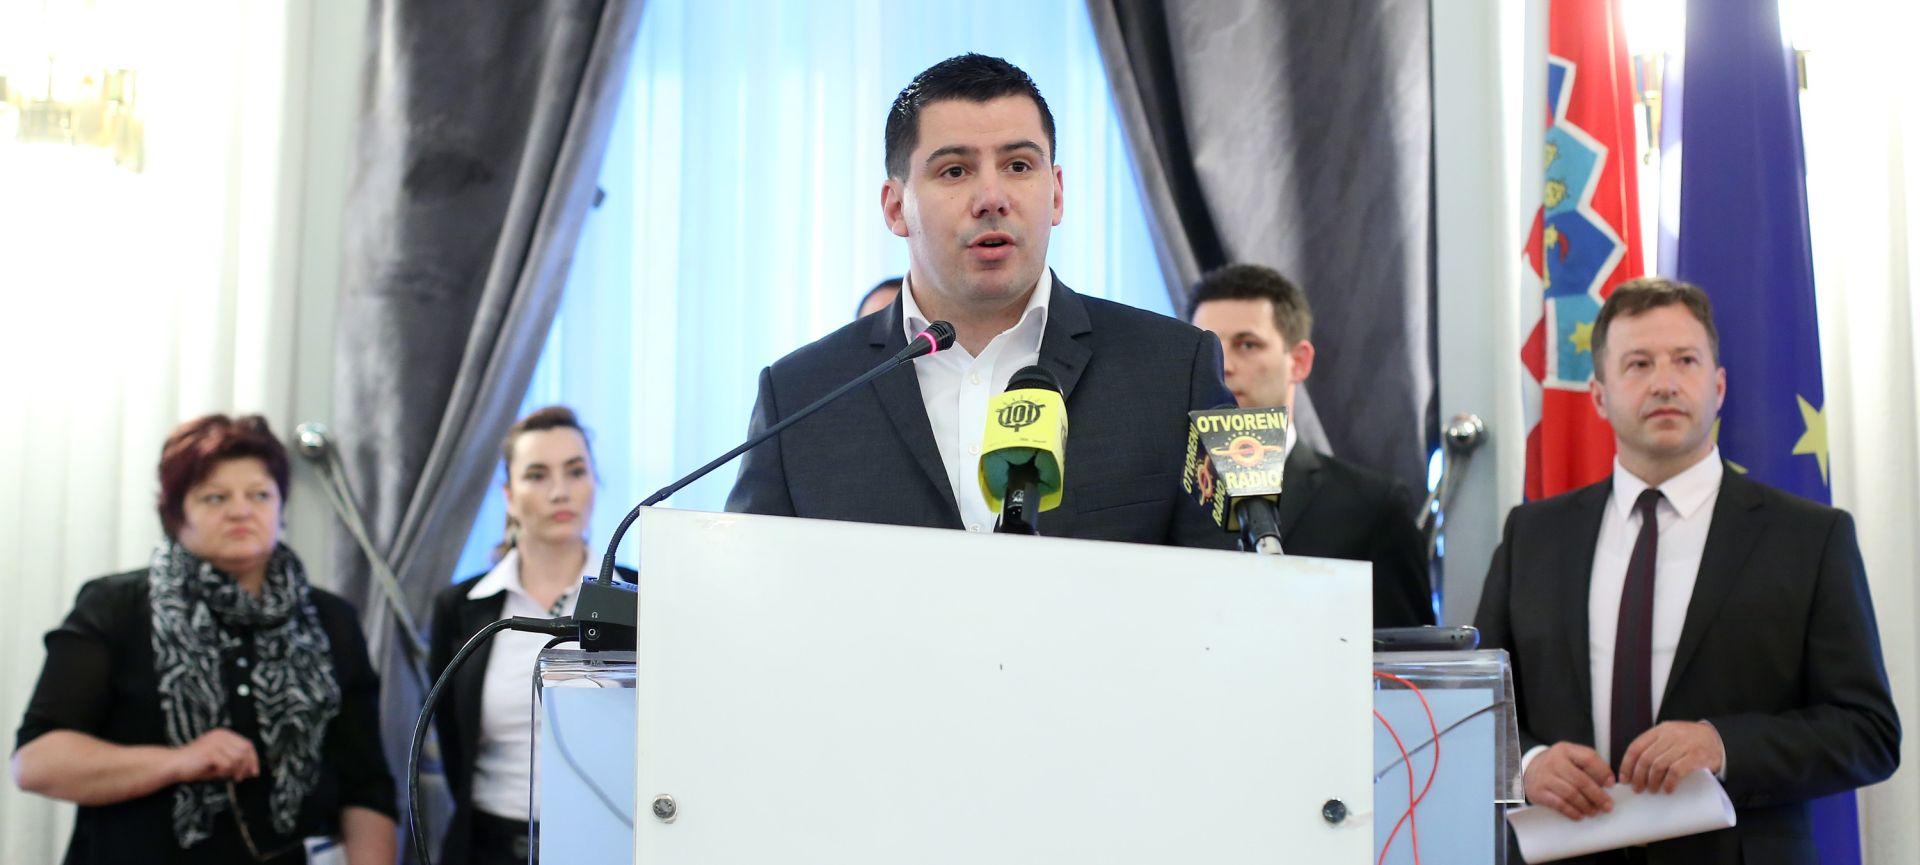 Grmoja: Most odustao od klauzure na Plitvicama, pregovori bi trebali završiti do srijede